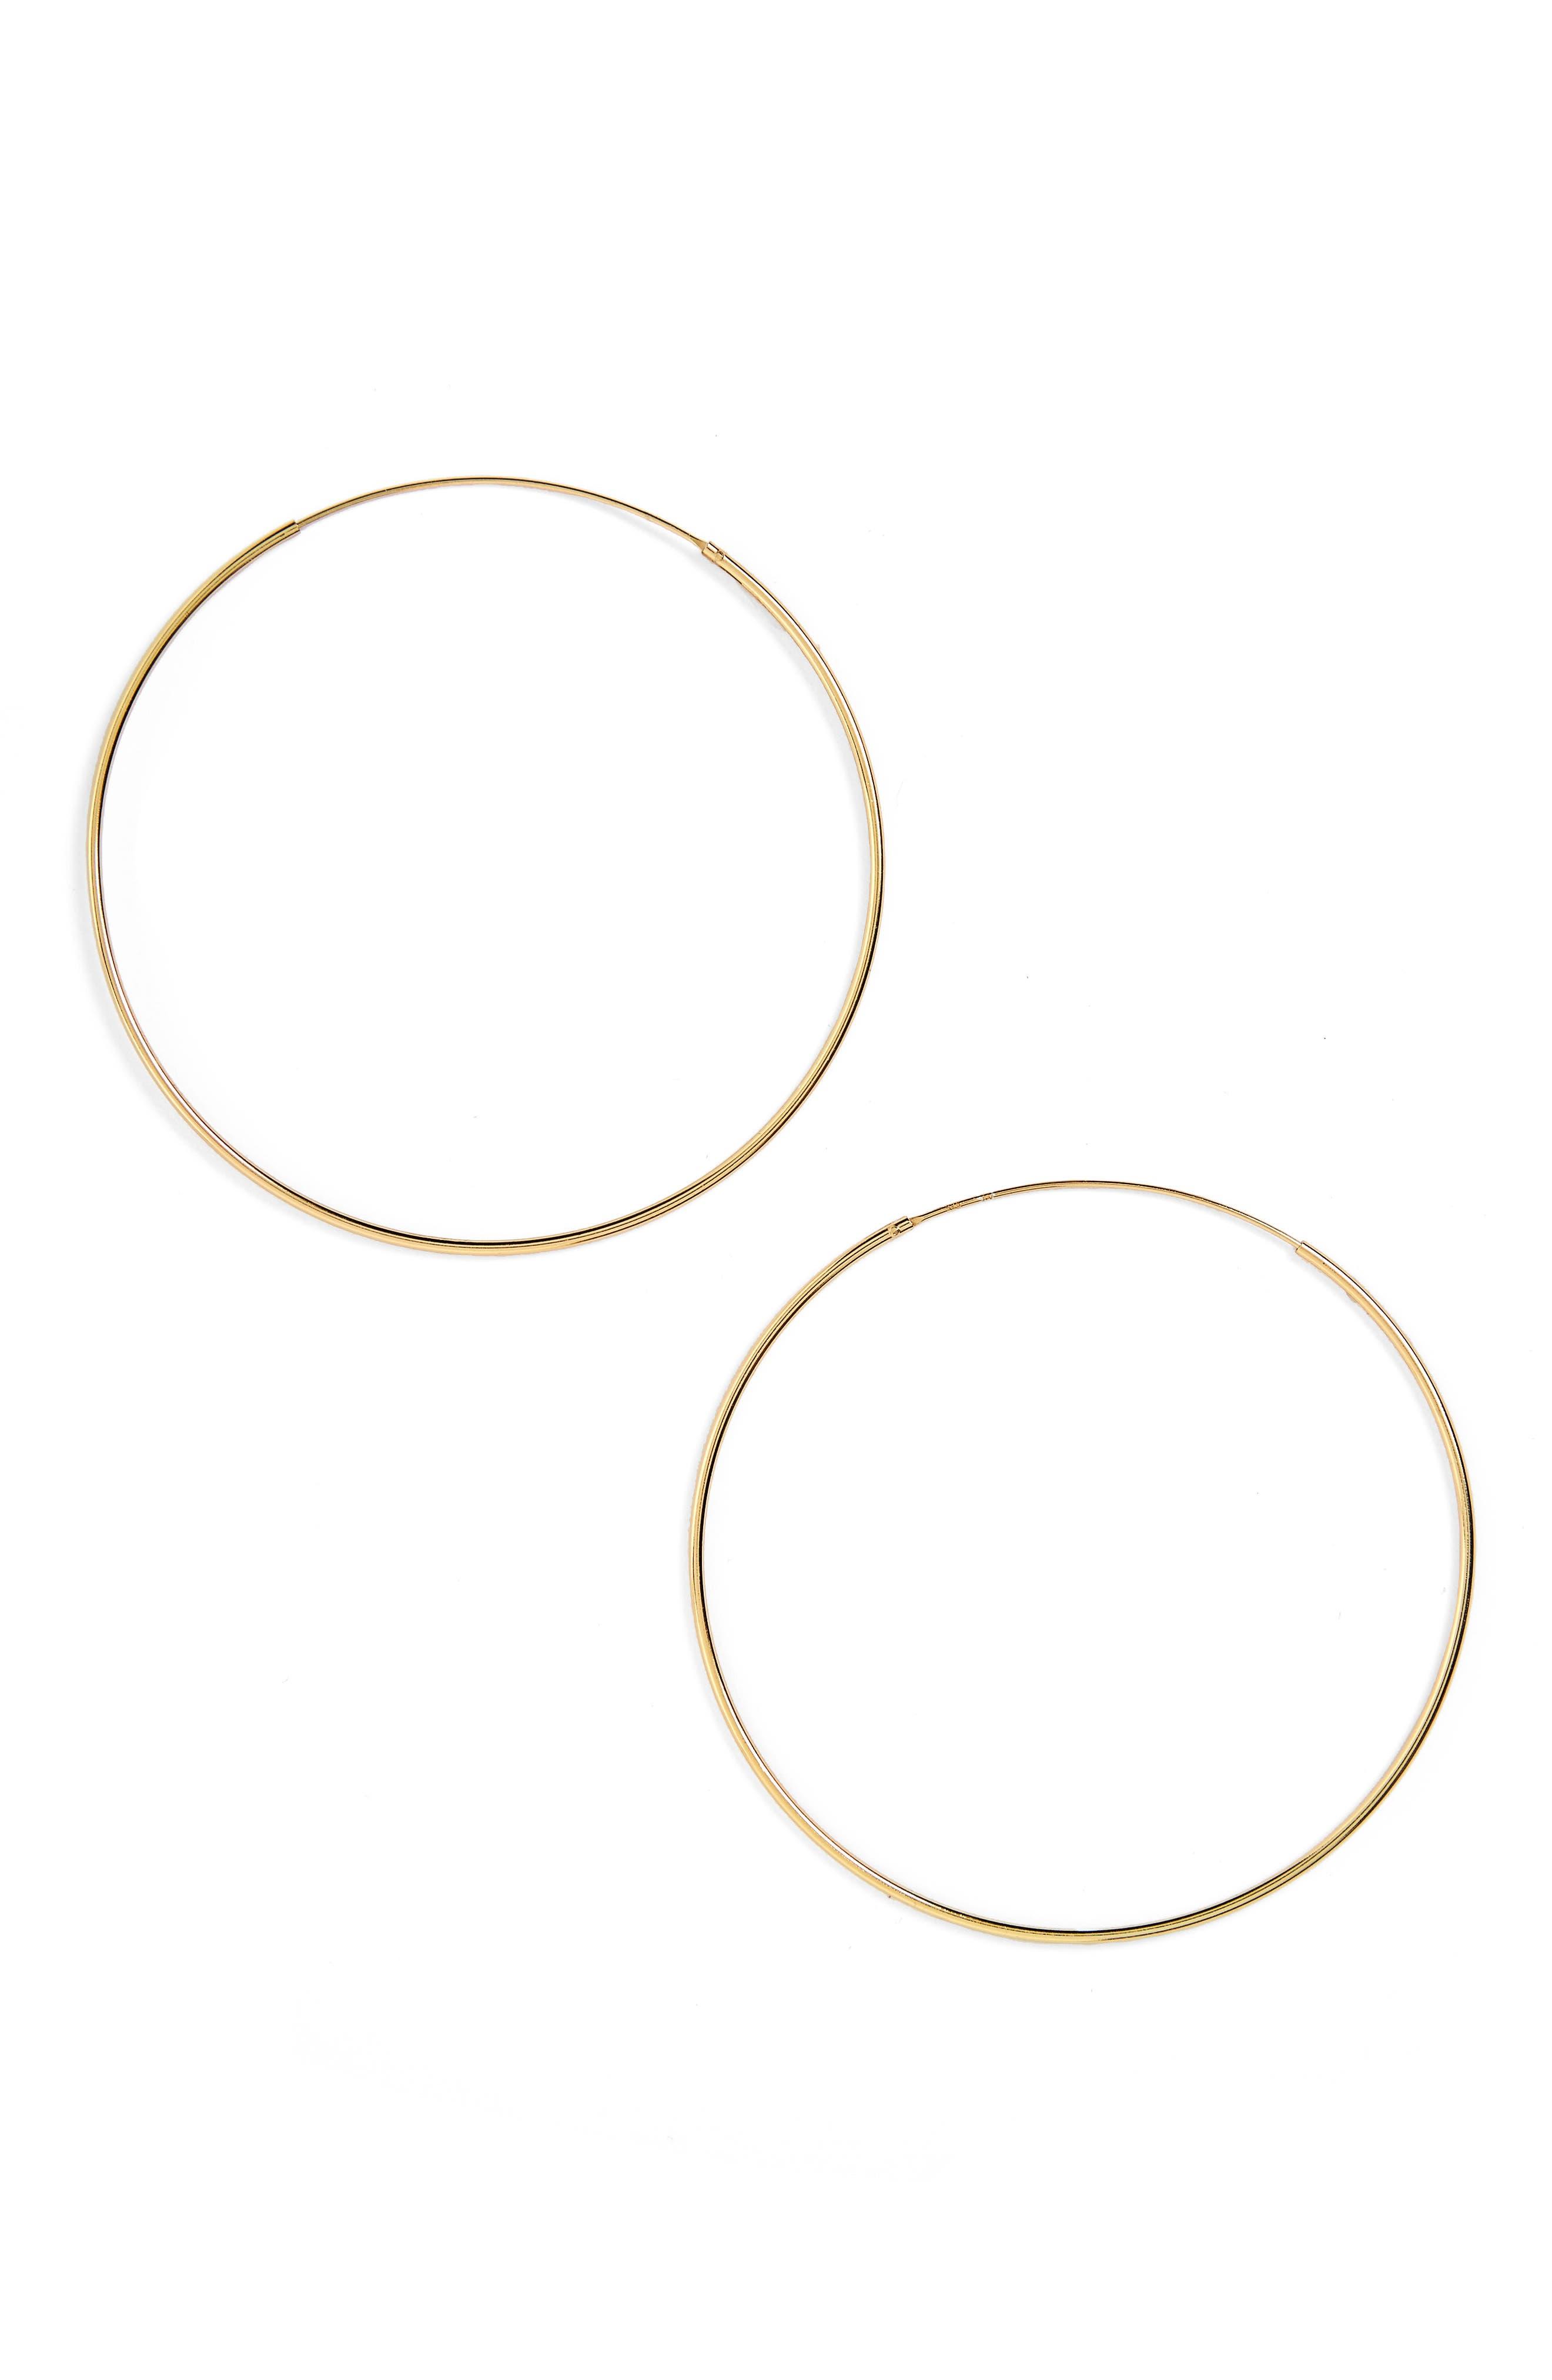 Endless Hoop Earrings,                         Main,                         color, Gold